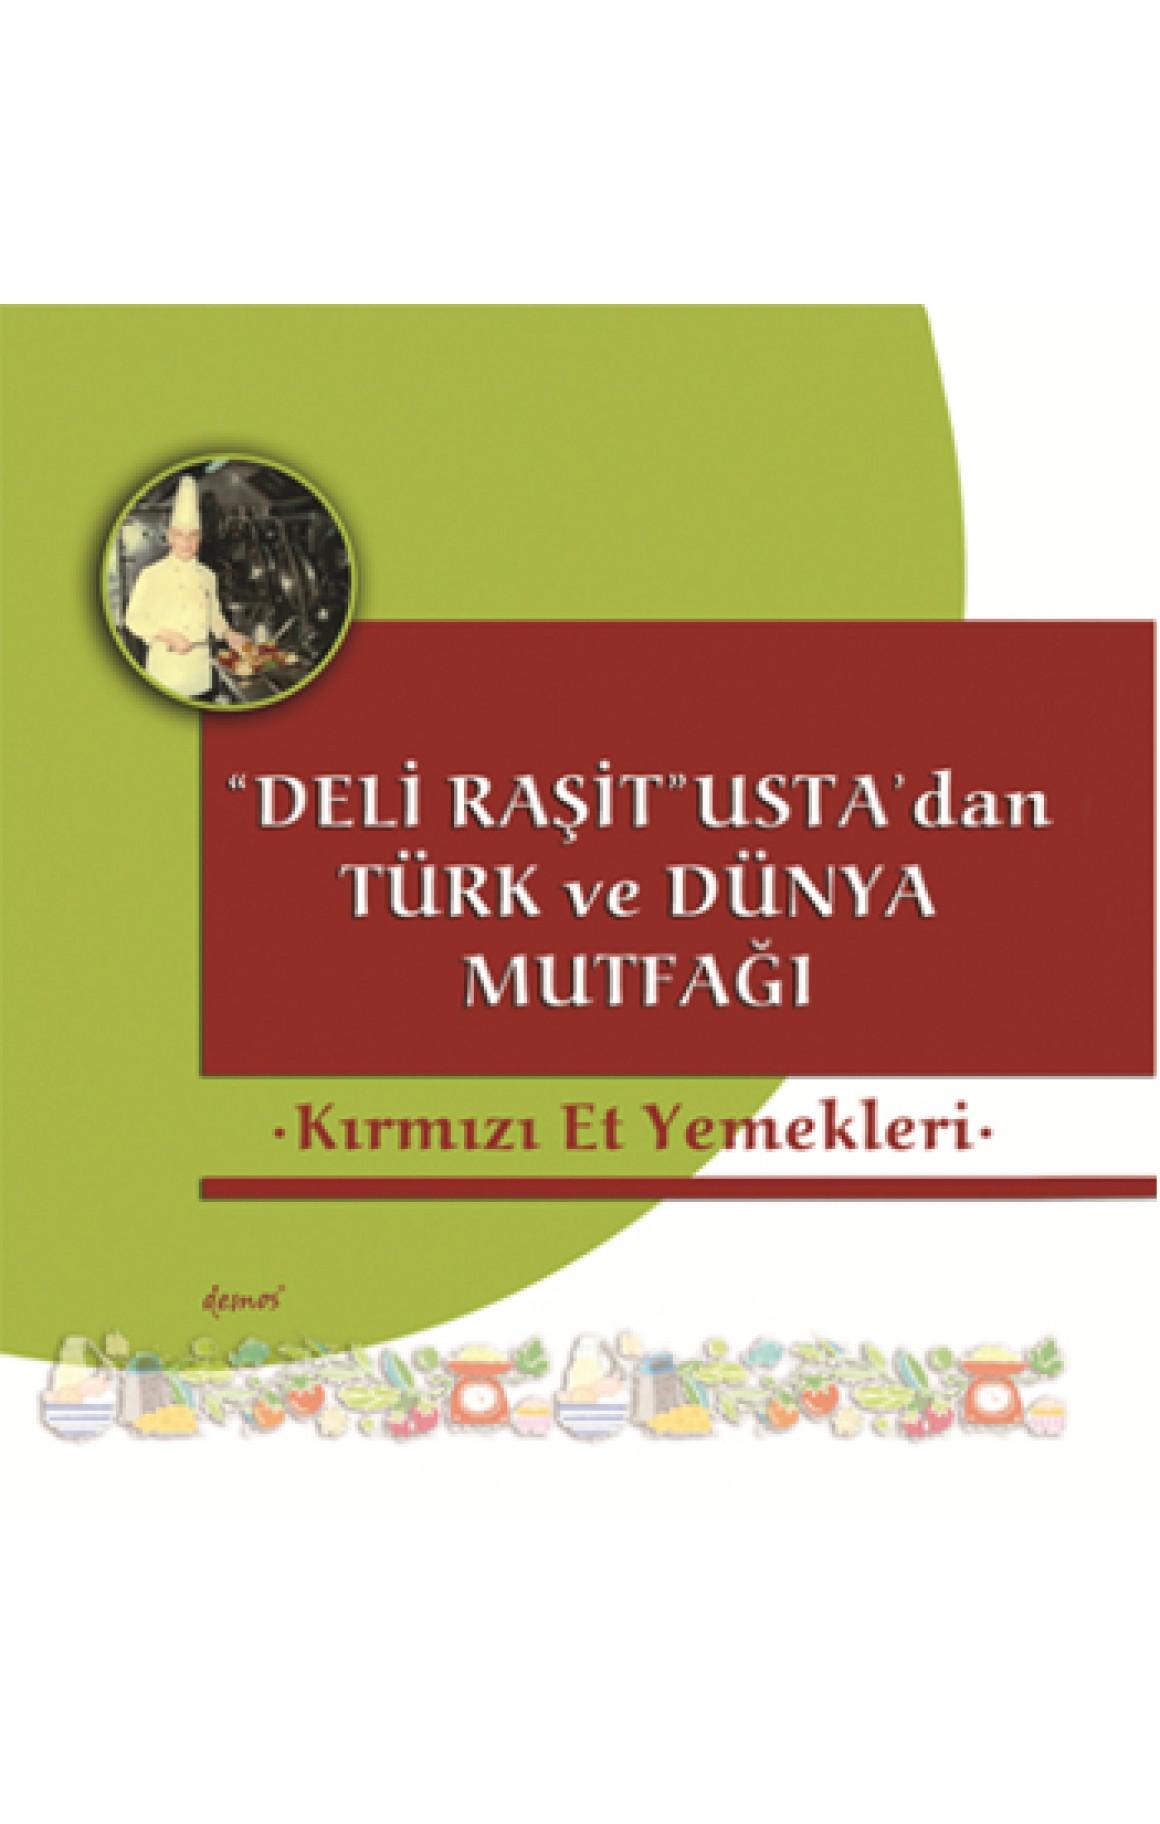 Kırmızı Et Yemekleri- Deli Raşit Ustadan Türk ve Dünya Mutfağı